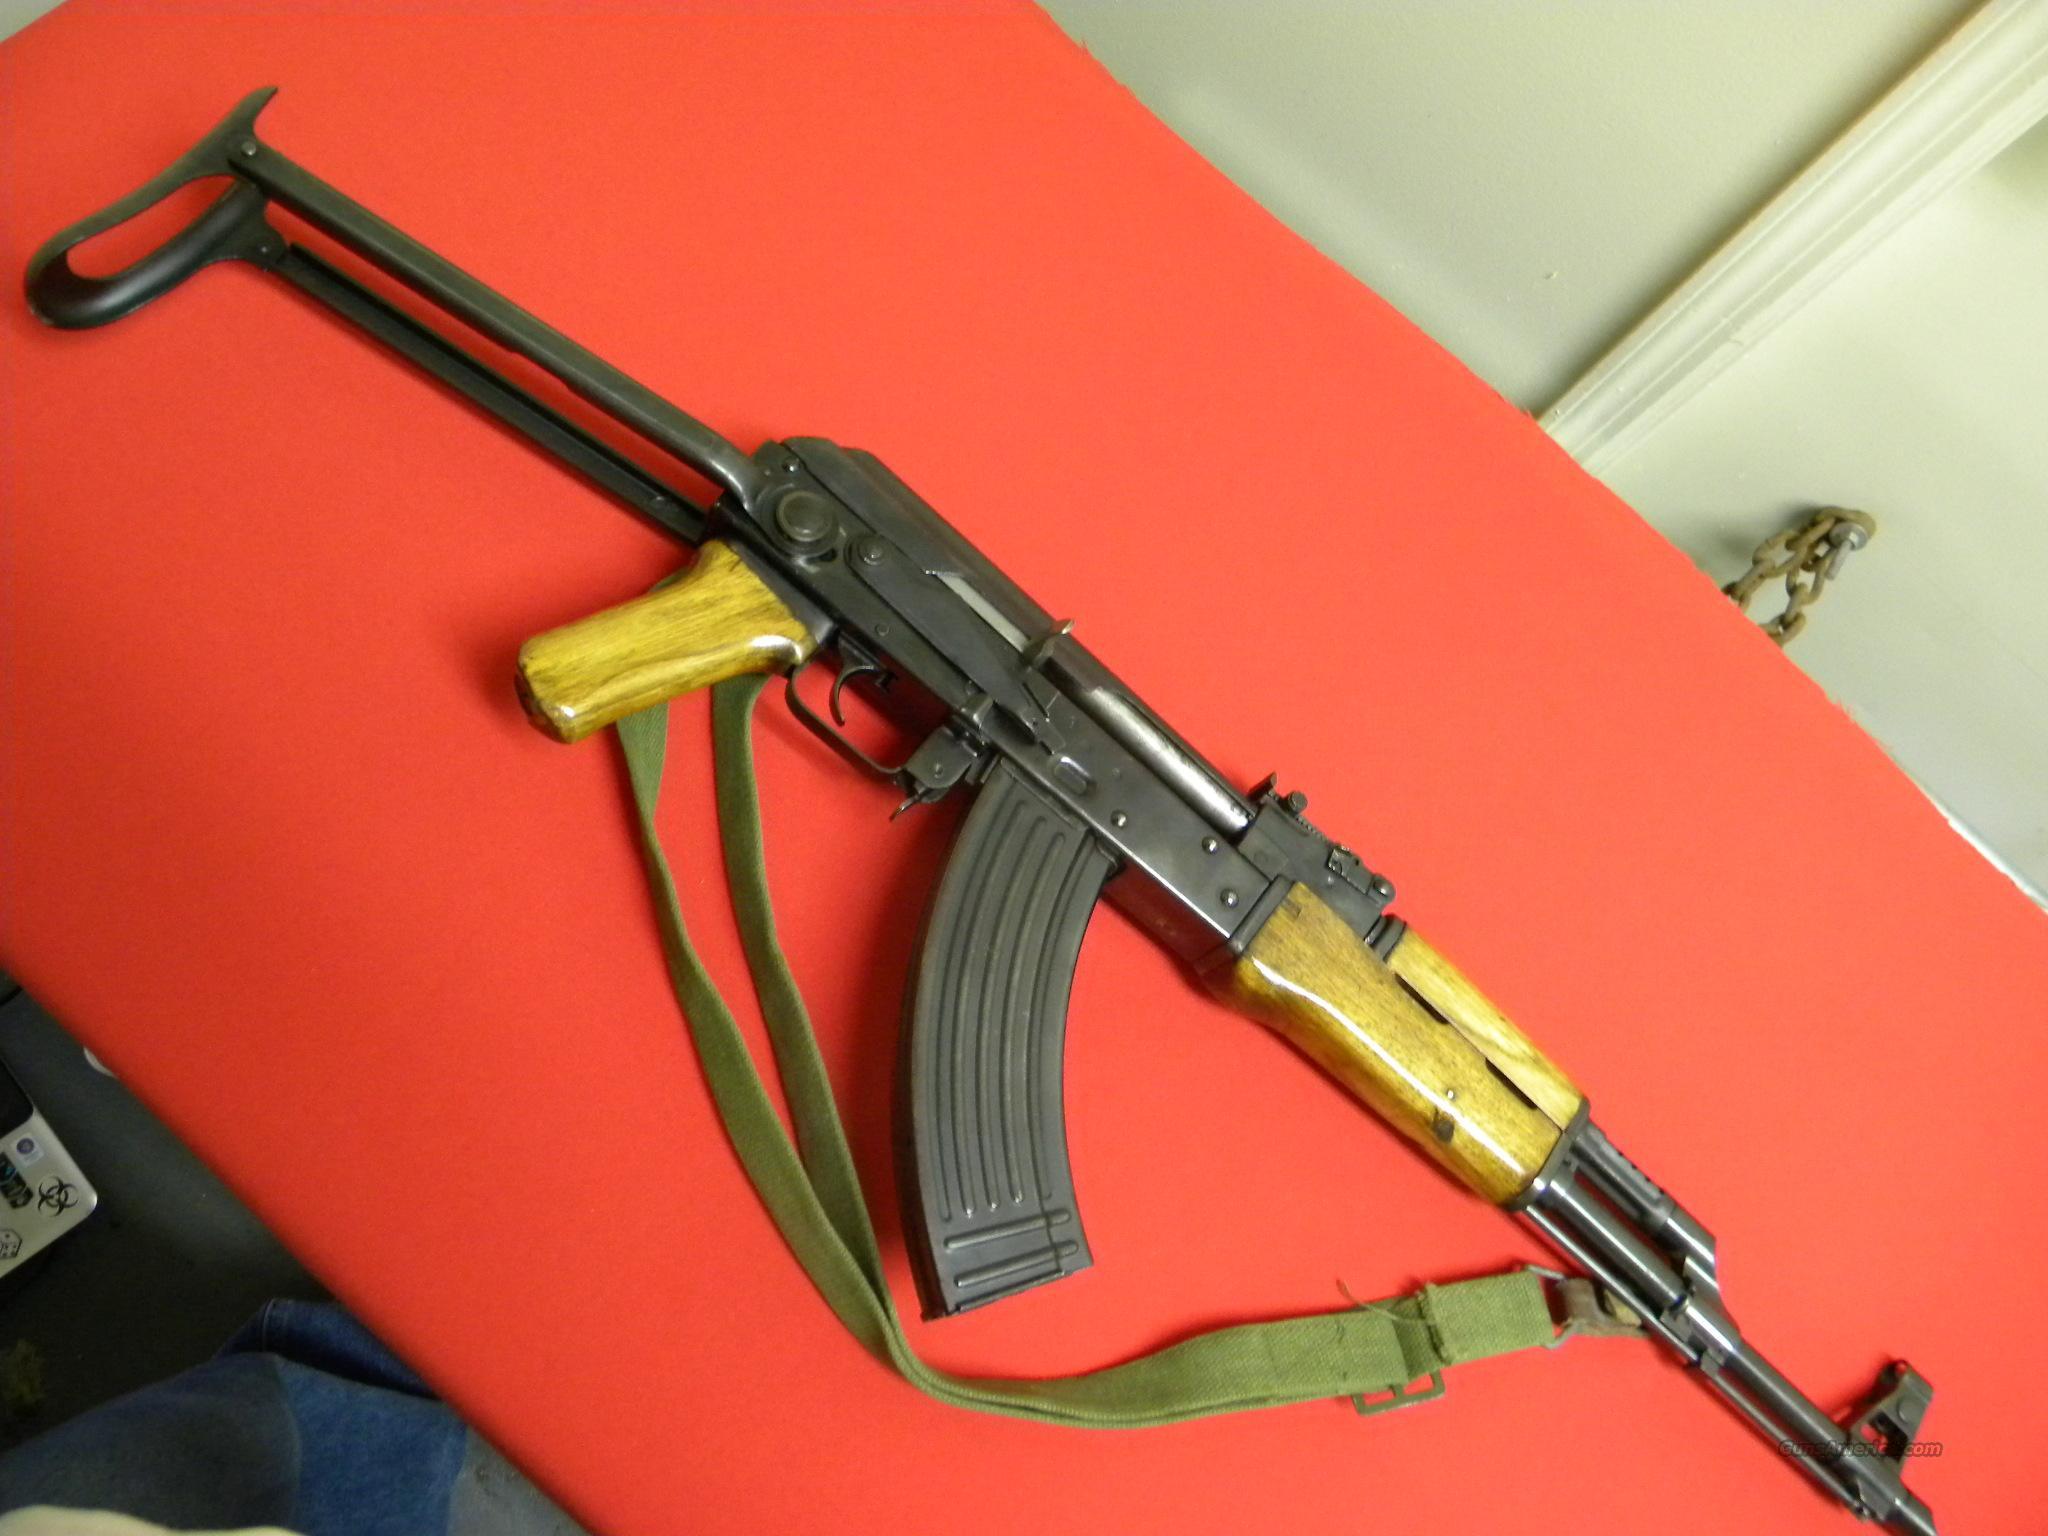 1986 AK-47 pre-ban, folding stock